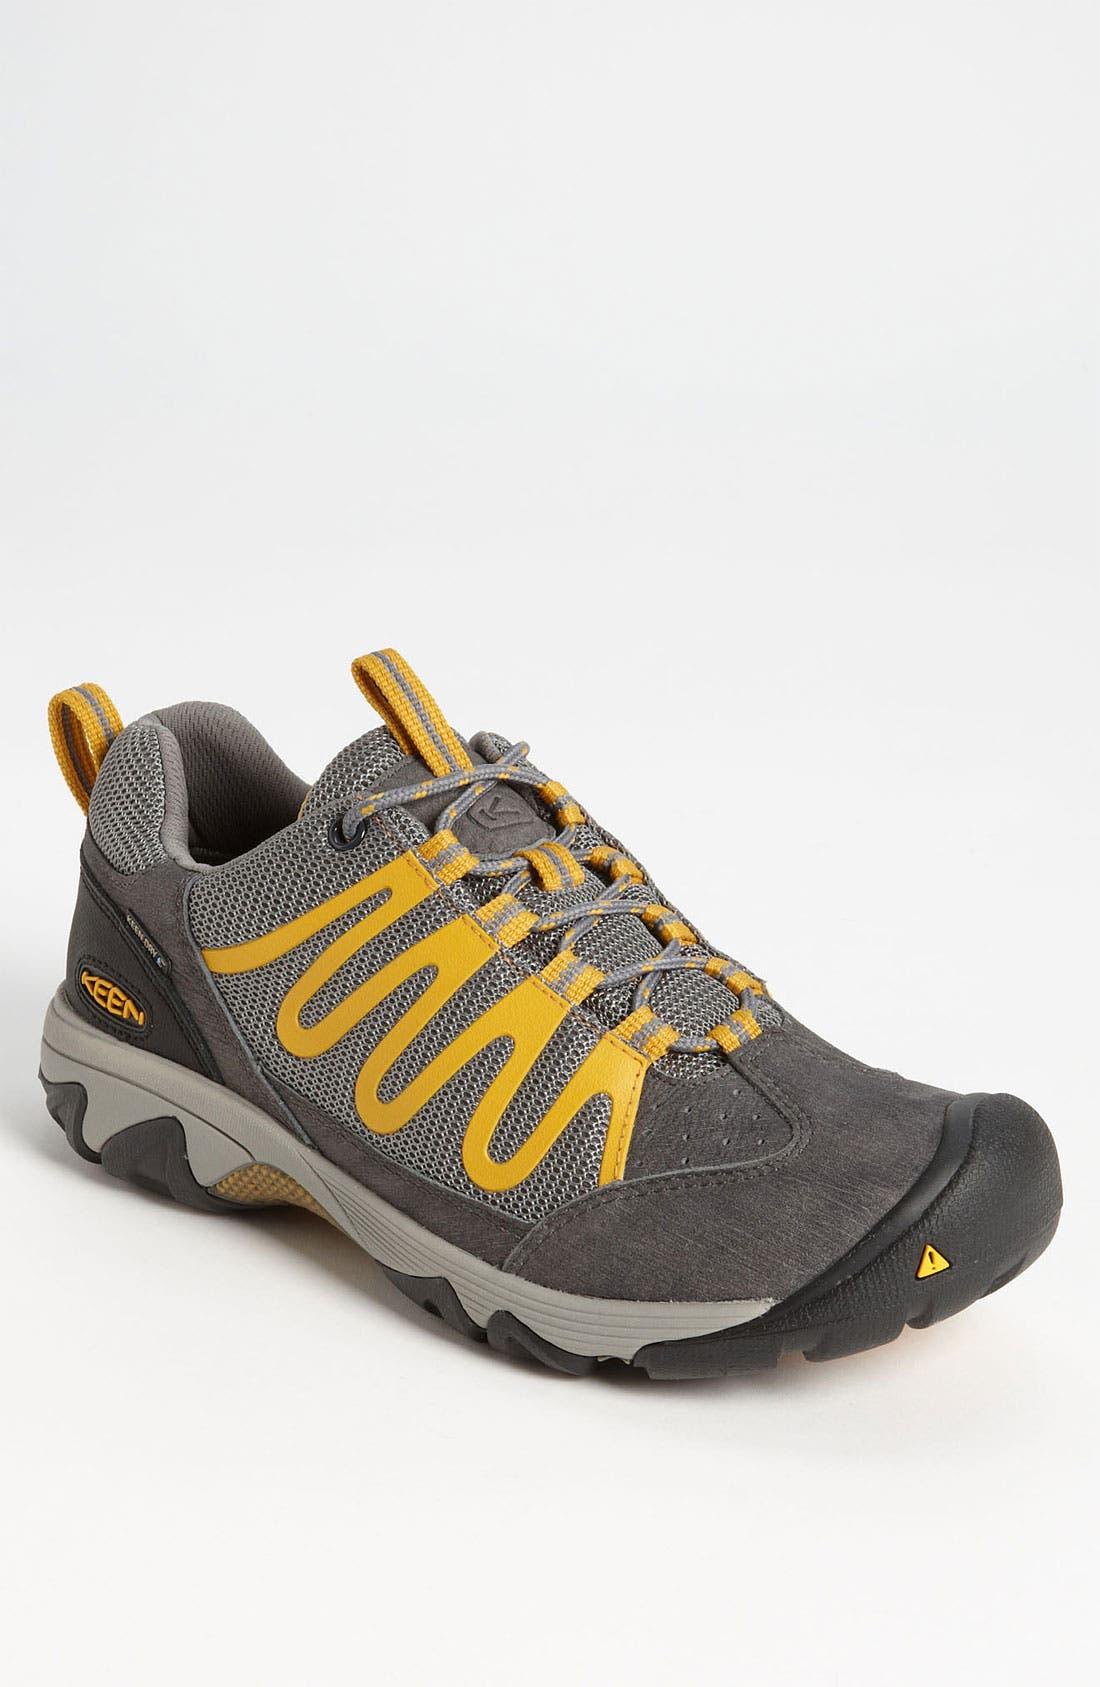 Alternate Image 1 Selected - Keen 'Verdi WP' Hiking Shoe (Men)